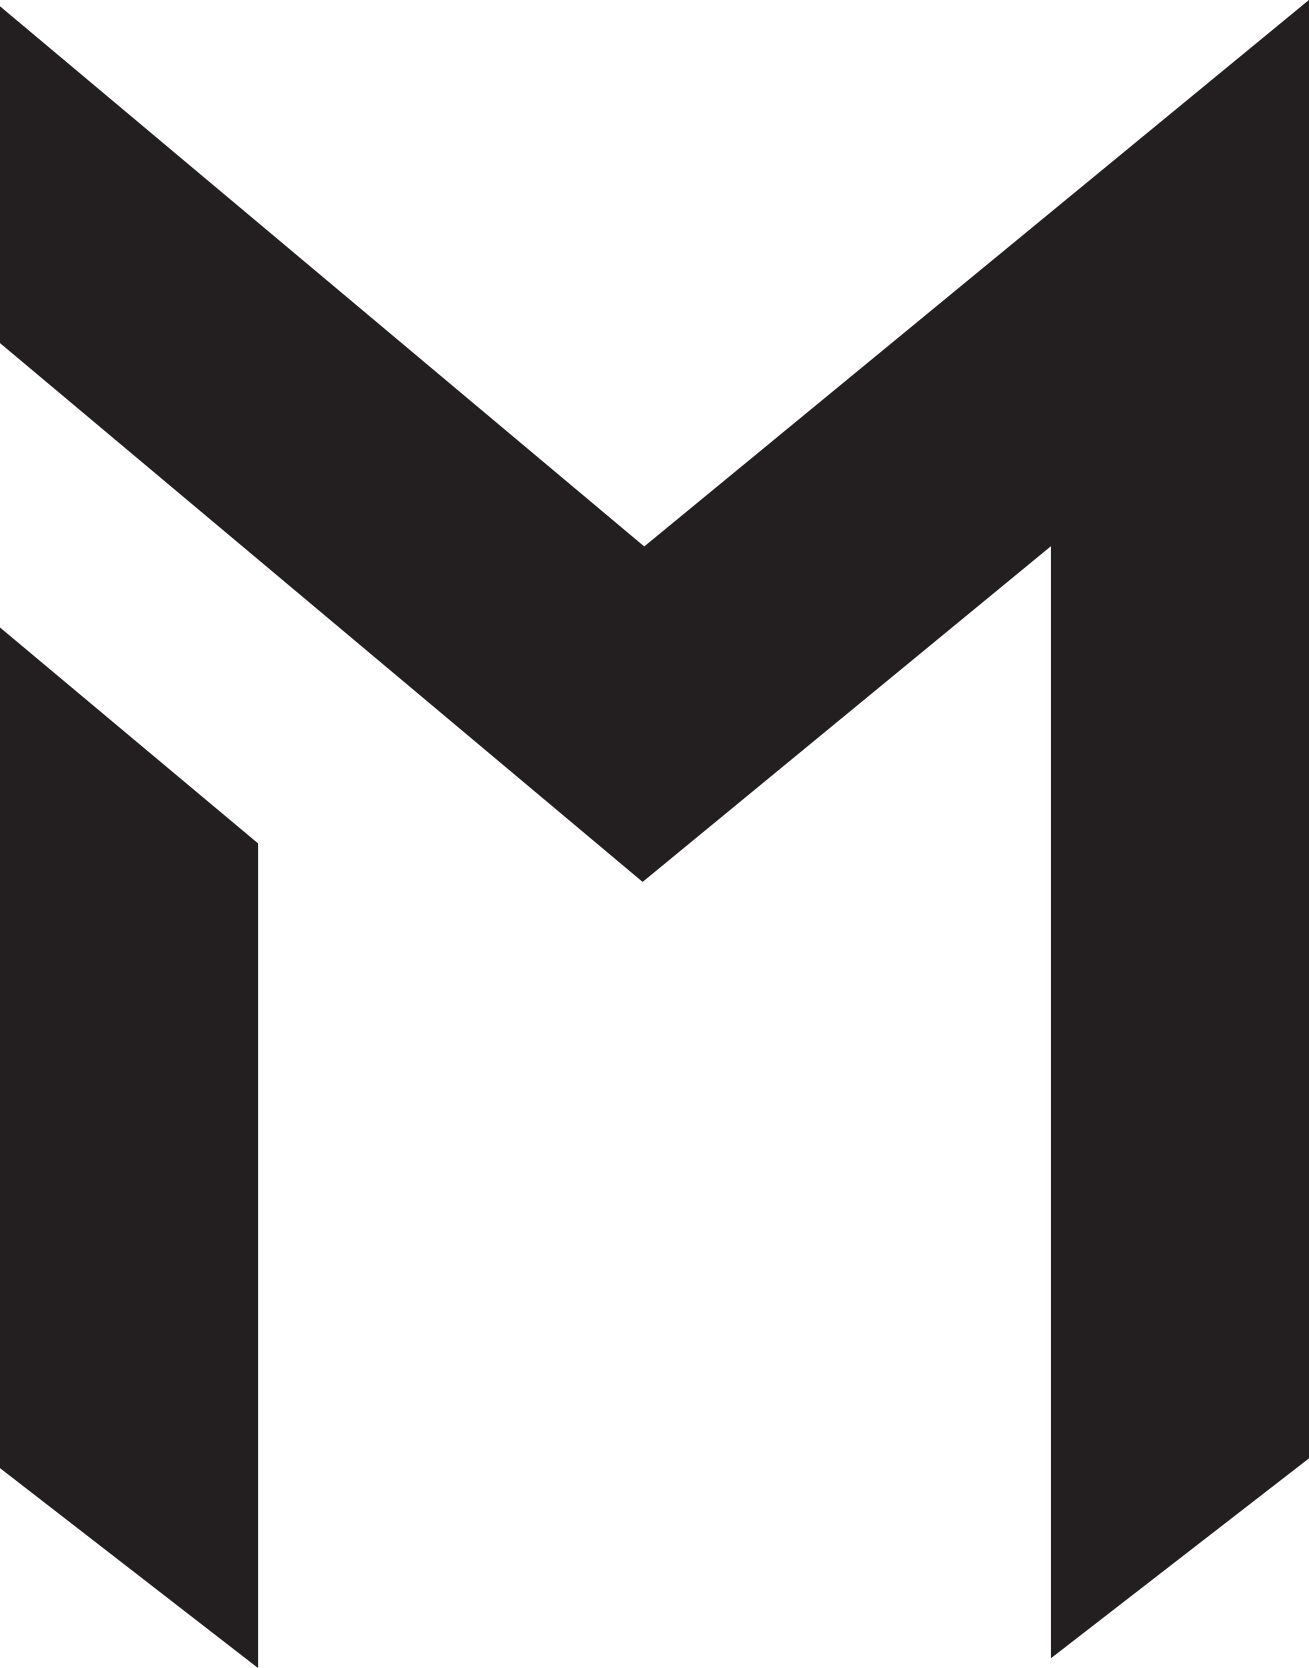 MegaX